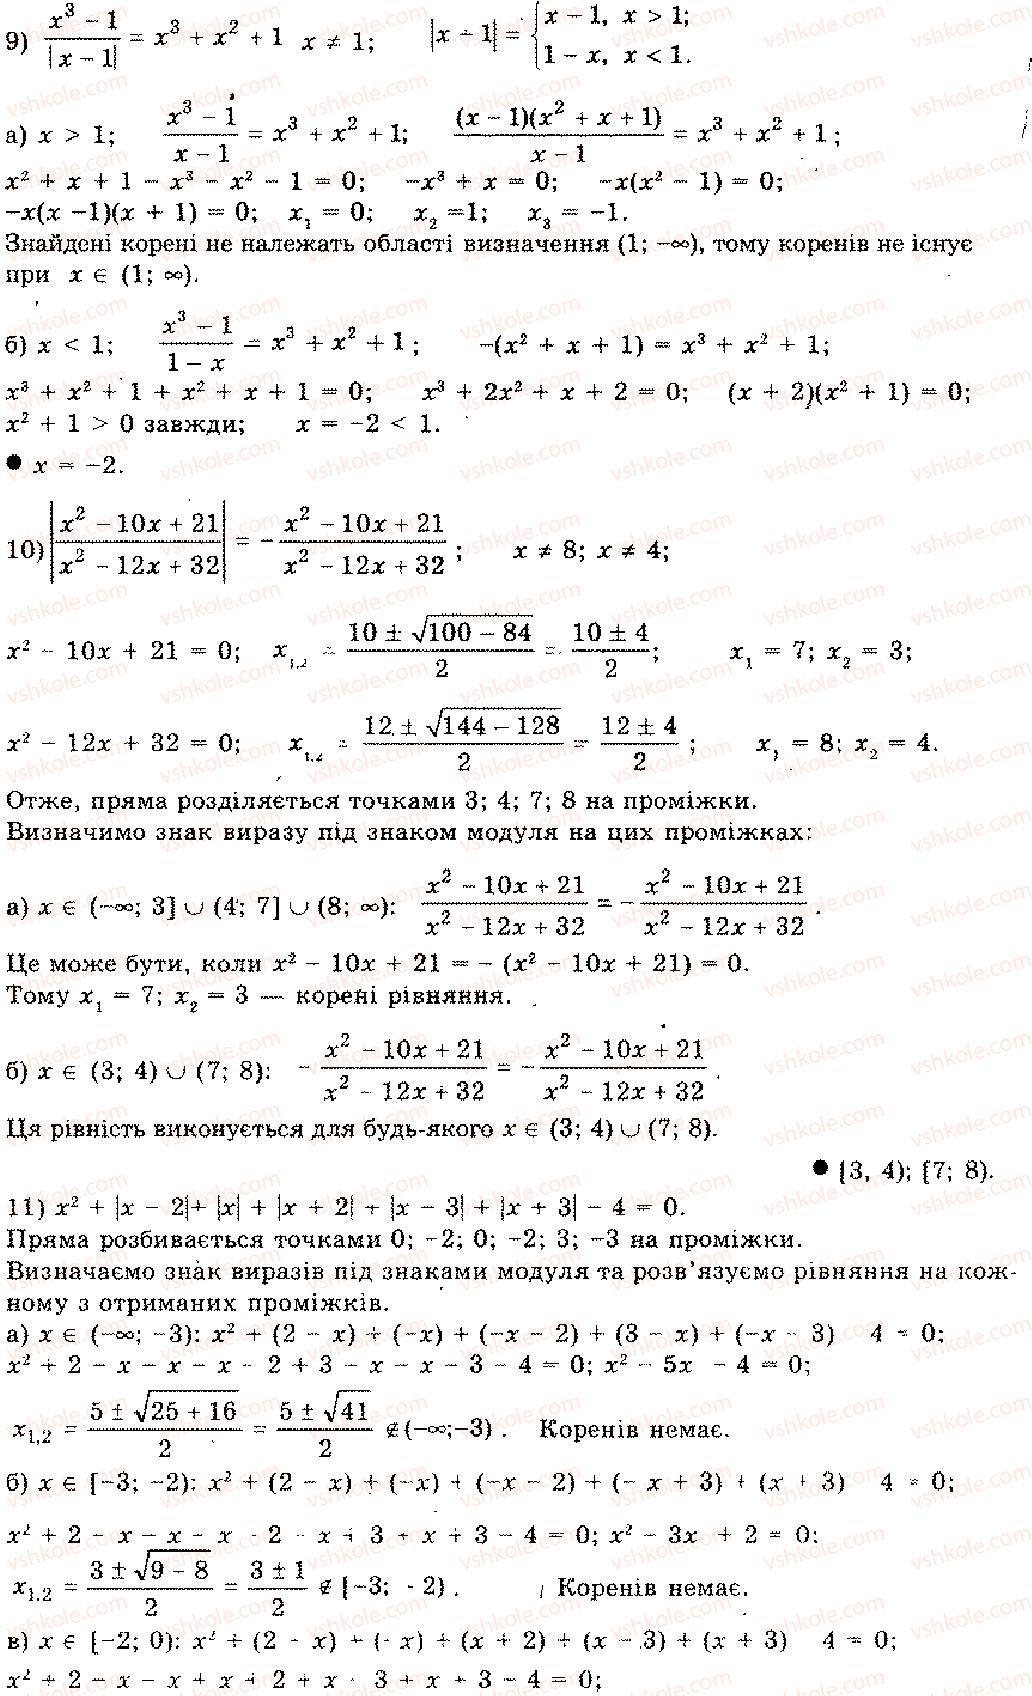 11-algebra-mi-shkil-zi-slepkan-os-dubinchuk-2006--rozdil-6-granitsya-i-neperervnist-funktsiyi-2-rnd887.jpg